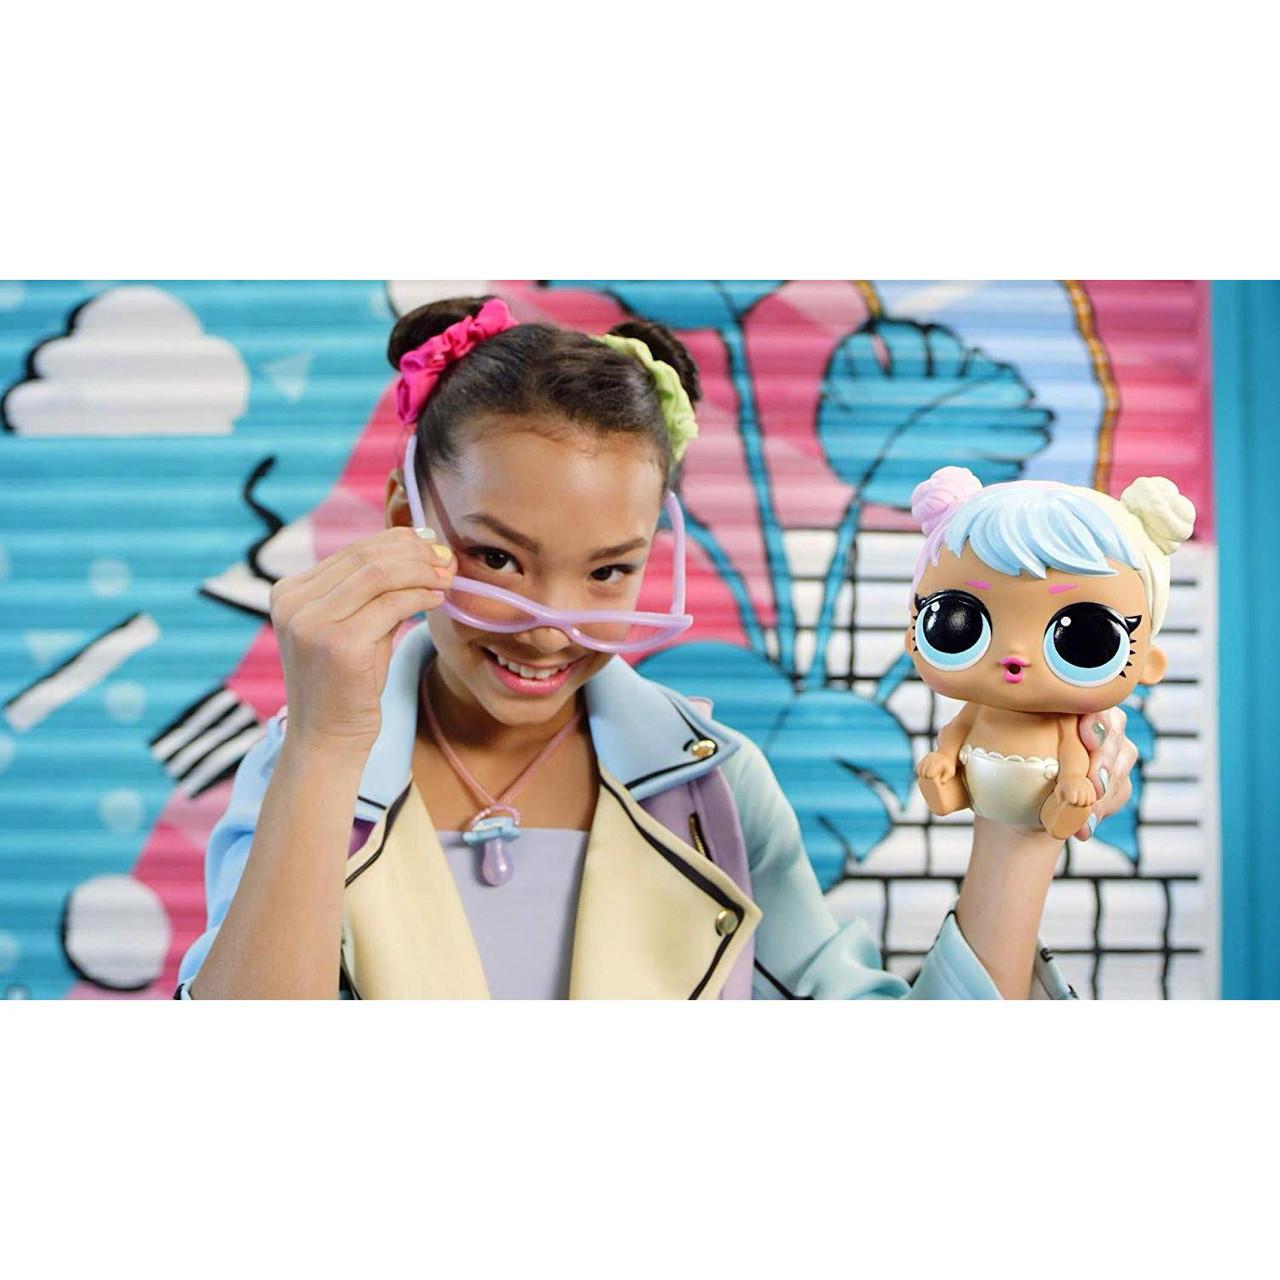 Ooh La La Baby Surprise Lil Kitty Queen with Purse /& Makeup L.O.L Surprise